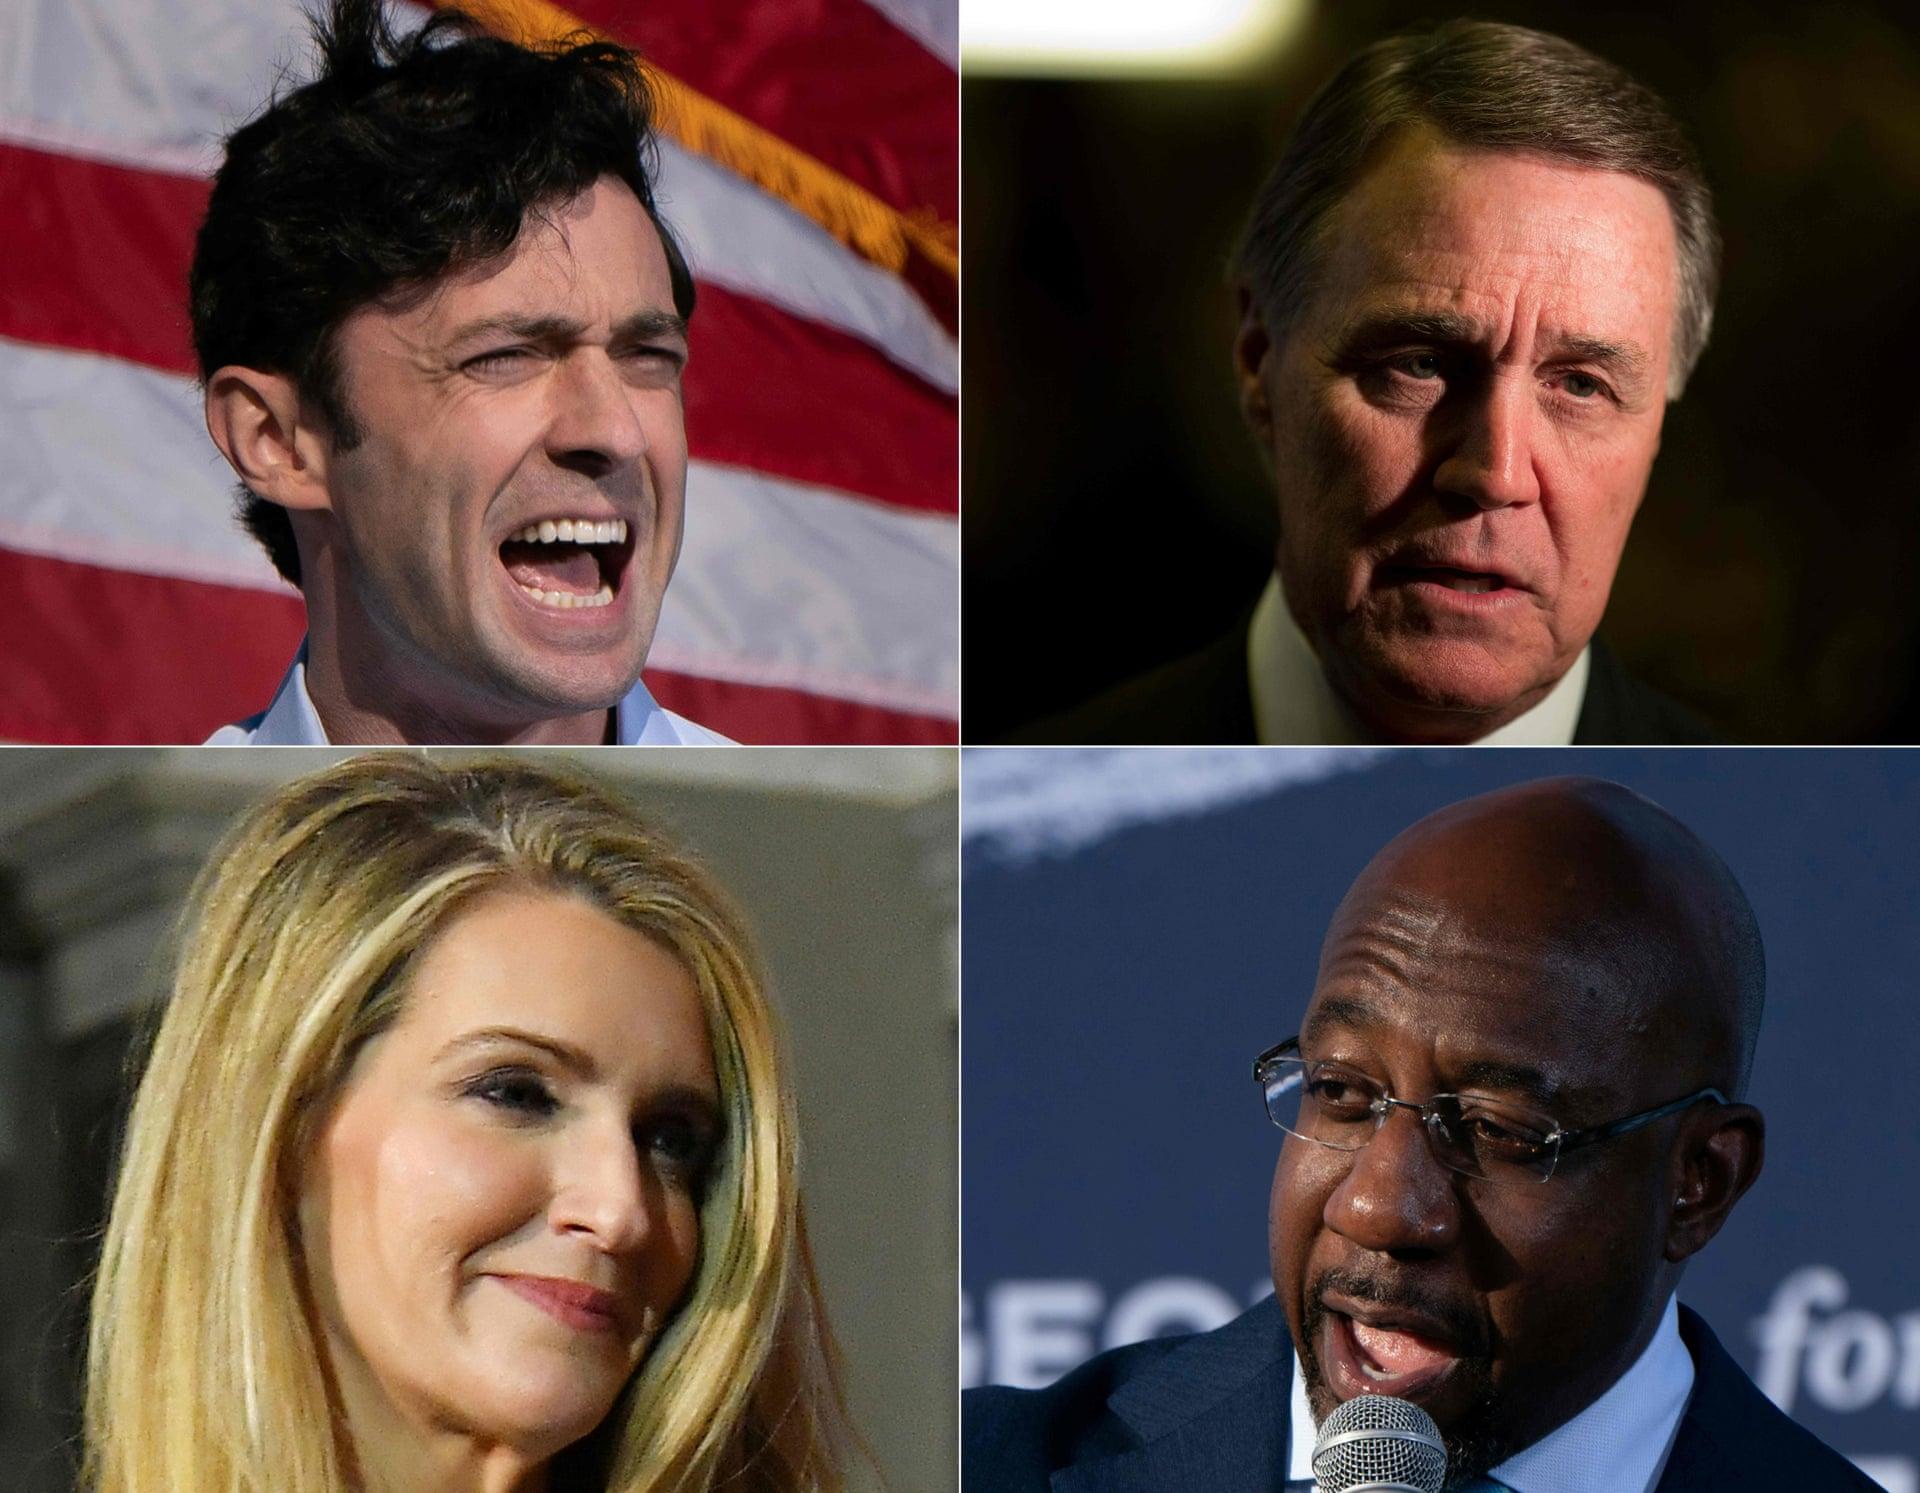 Cuộc đua bất thường sẽ định đoạt chính sách của Tổng thống Biden - Ảnh 3.